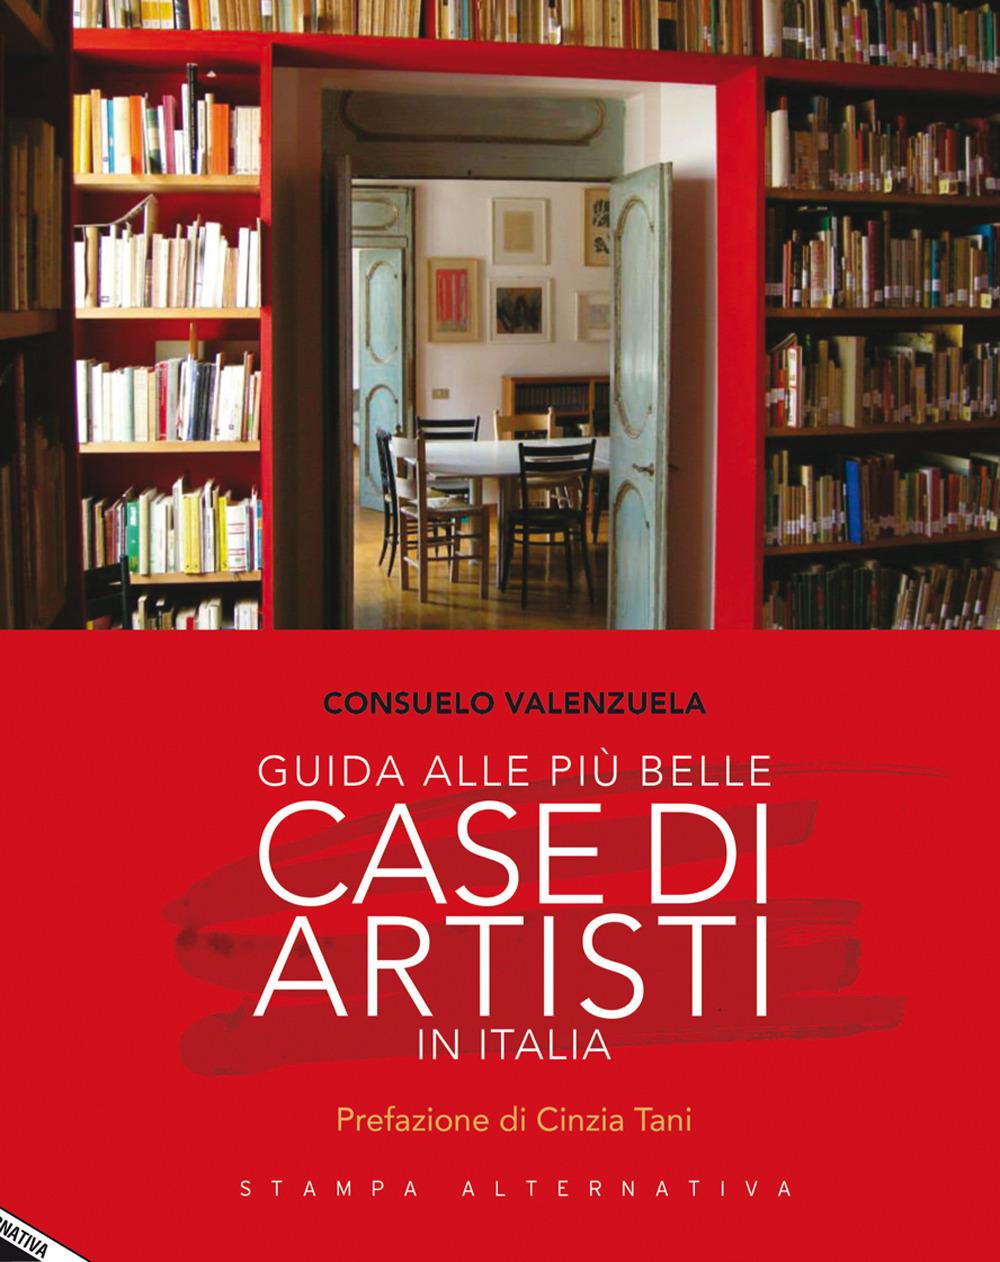 GUIDA ALLE PIù BELLE CASE DI ARTISTI IN ITALIA - 9788862225342